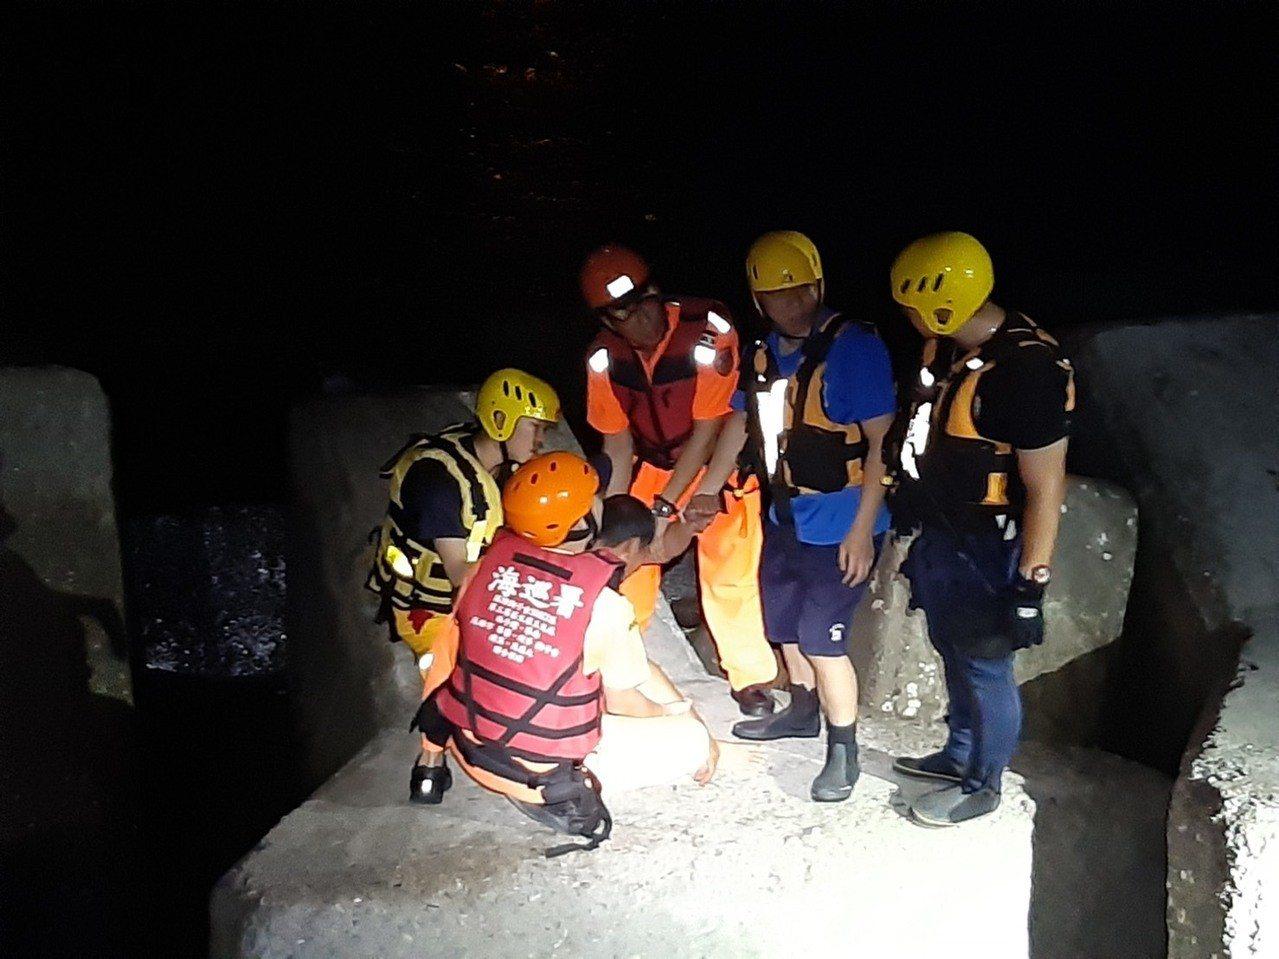 屏東縣一男子昨晚到鹽埔漁港防波塊上飲酒,路過民眾認為他欲輕生。海巡署南部分署第五...